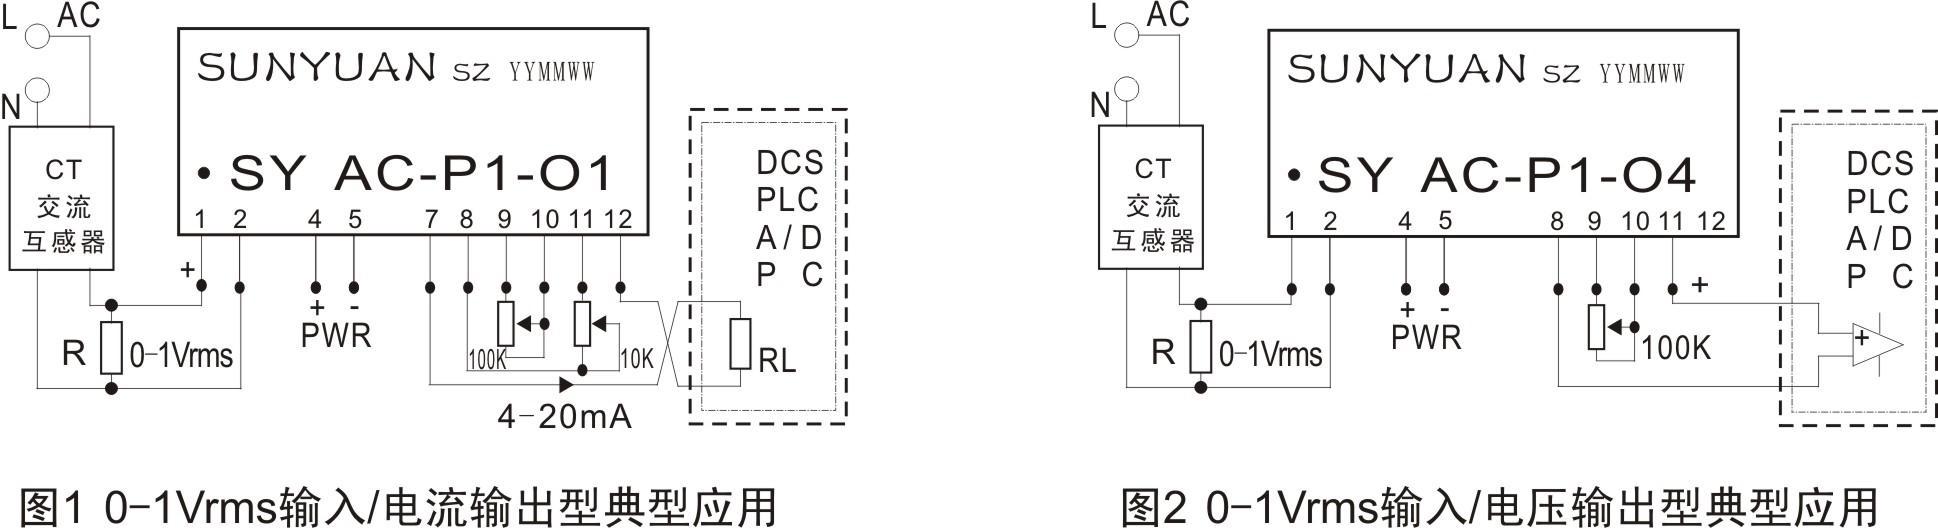 产品特点  精度、线性度误差等级: 0.5级(相对温度)  交流互感器匹配:0-1Vrms交流信号(50~60HZ)  辅助电源:5V、12V、15V或24V直流单电源供电  国际标准信号输出:0-10mA /4-20mA/0-5V/0-10V等  低成本、超小体积,使用方便,可靠性高  标准SIP 12 Pin符合UL94V-0阻燃封装  一进二出、二进二出多路标准DIN35导轨安装方式  工业级温度范围: - 20 ~ + 70  典型应用  交流信号的采集及变换  电力输配电高精